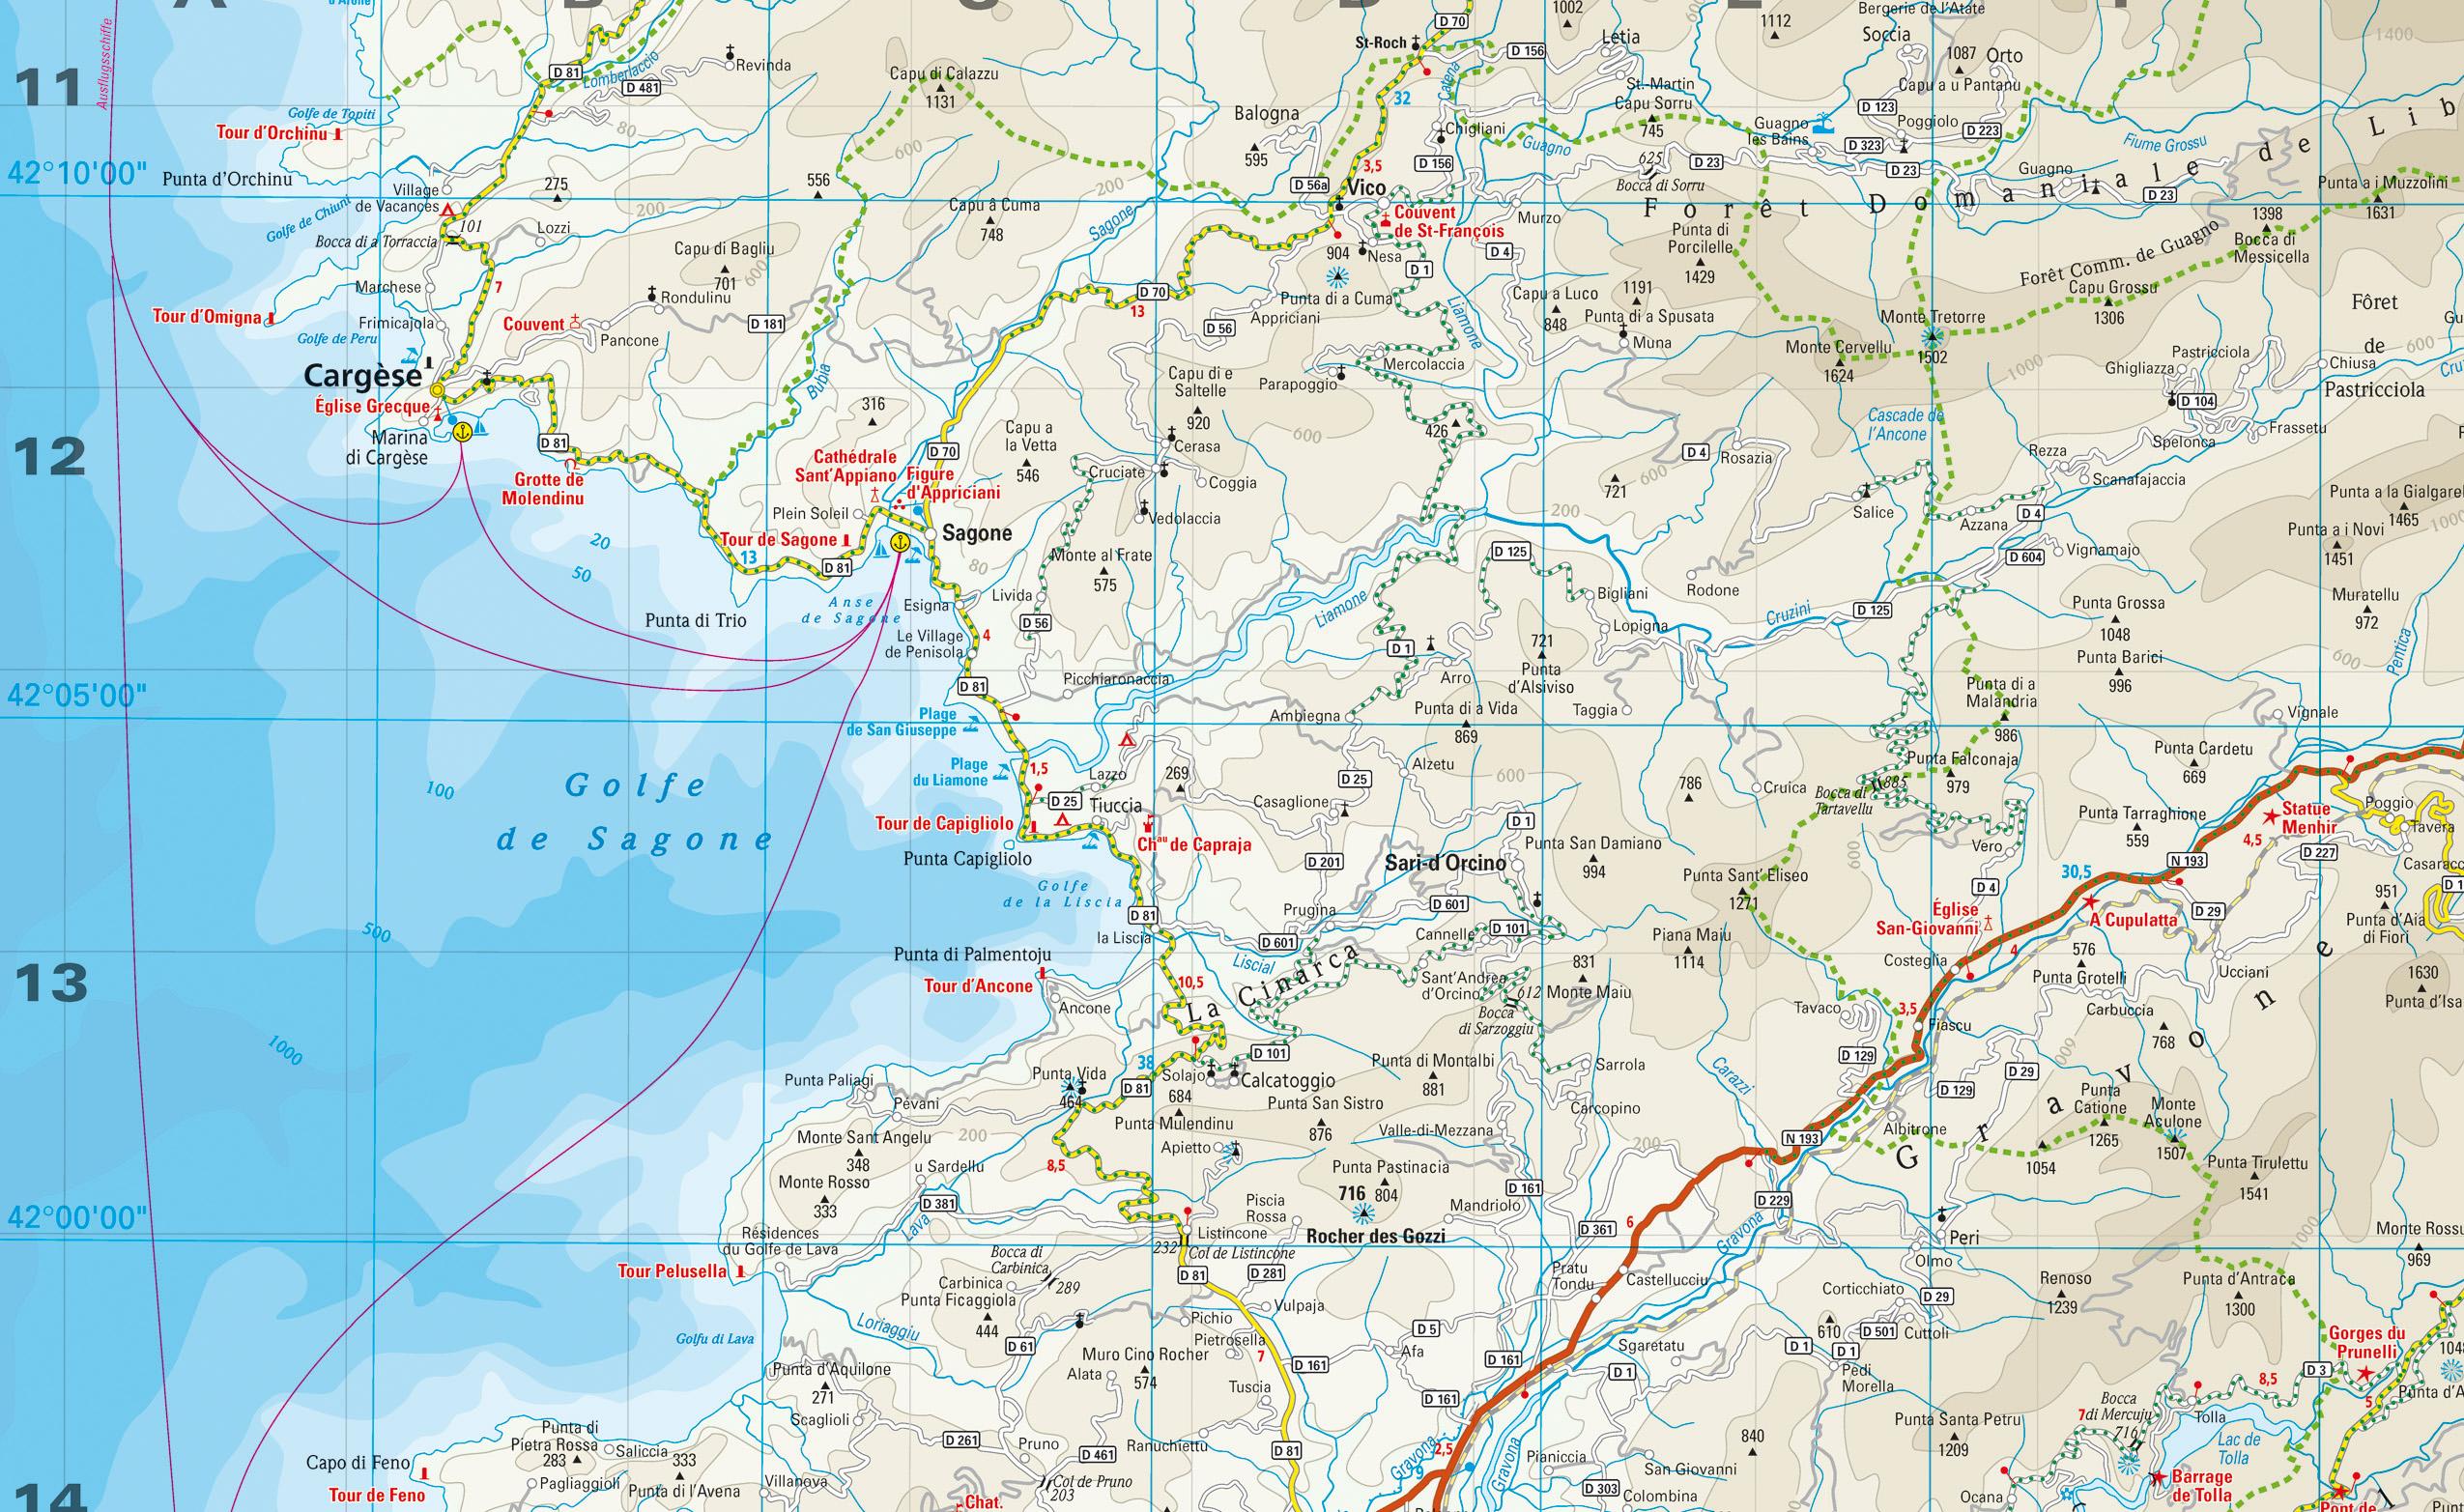 Karte Golf Von Sagone - Golfe De Sagone Carte